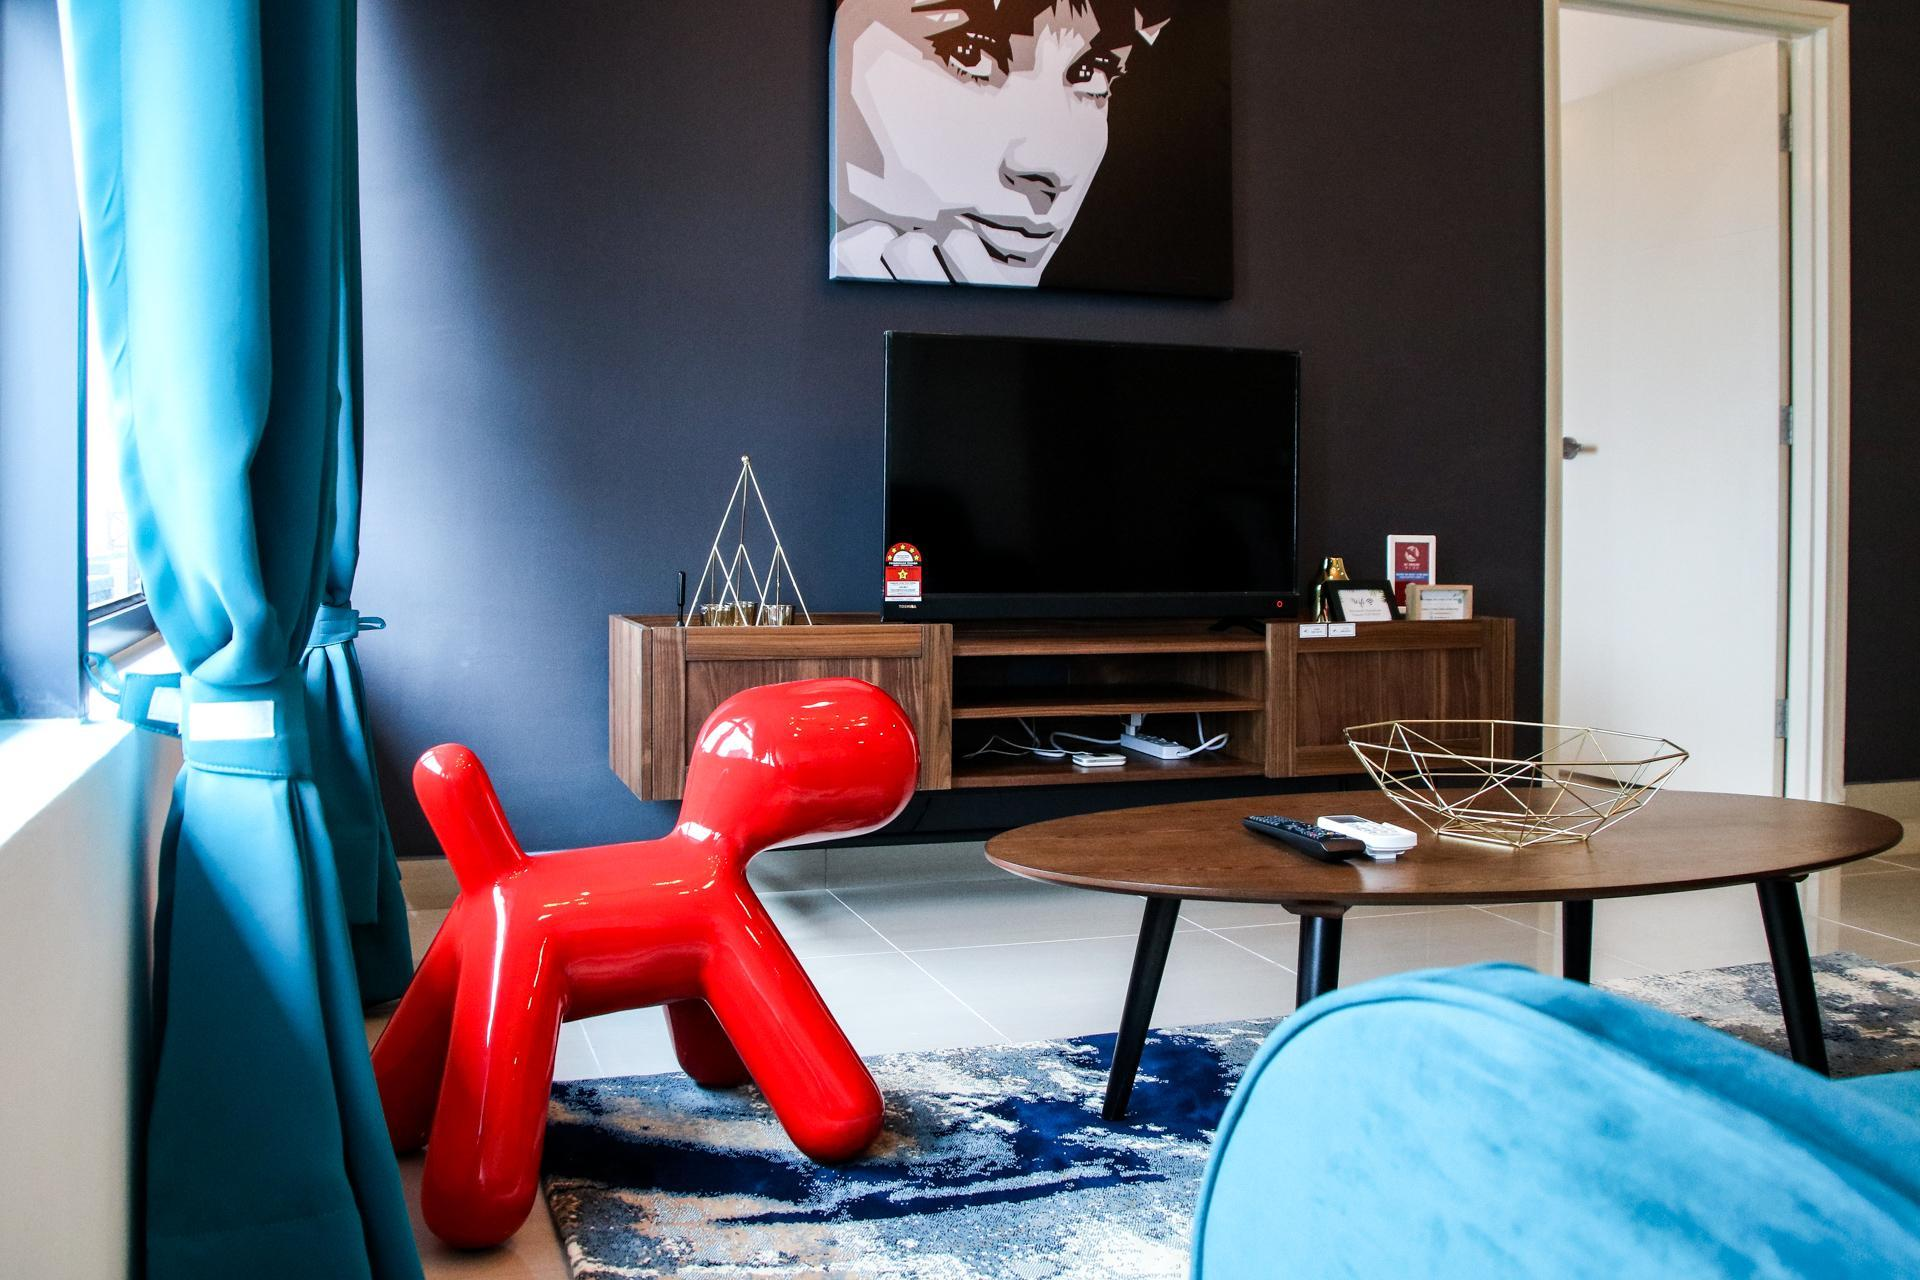 Victoria Home Arte Plus, Kuala Lumpur